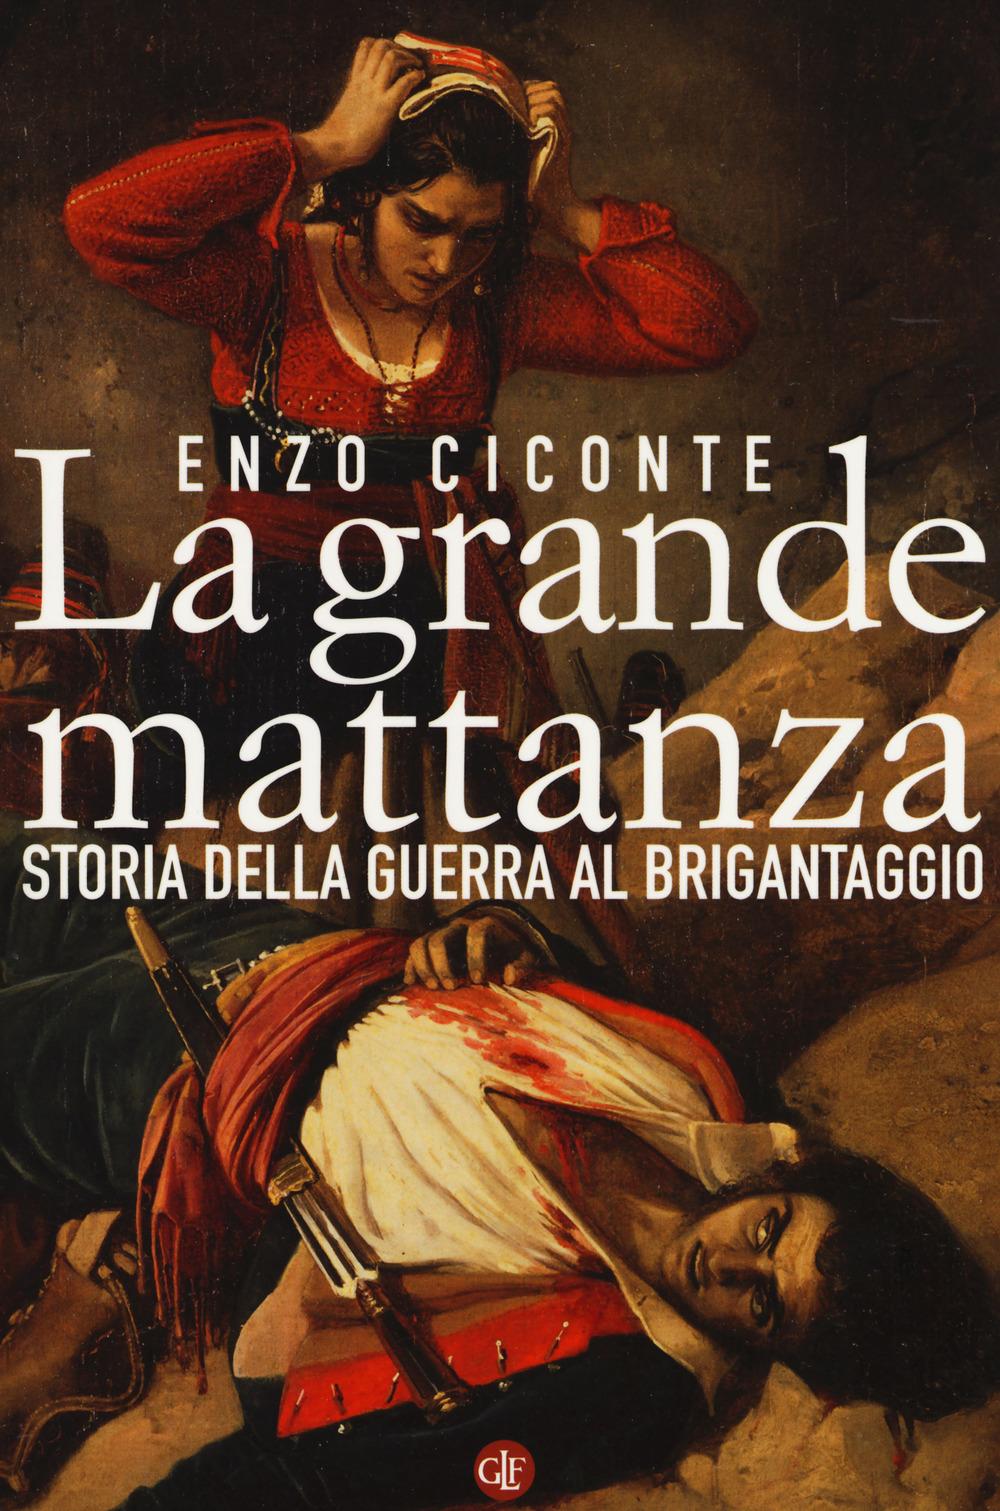 GRANDE MATTANZA. STORIA DELLA GUERRA AL BRIGANTAGGIO (LA) - 9788858131855